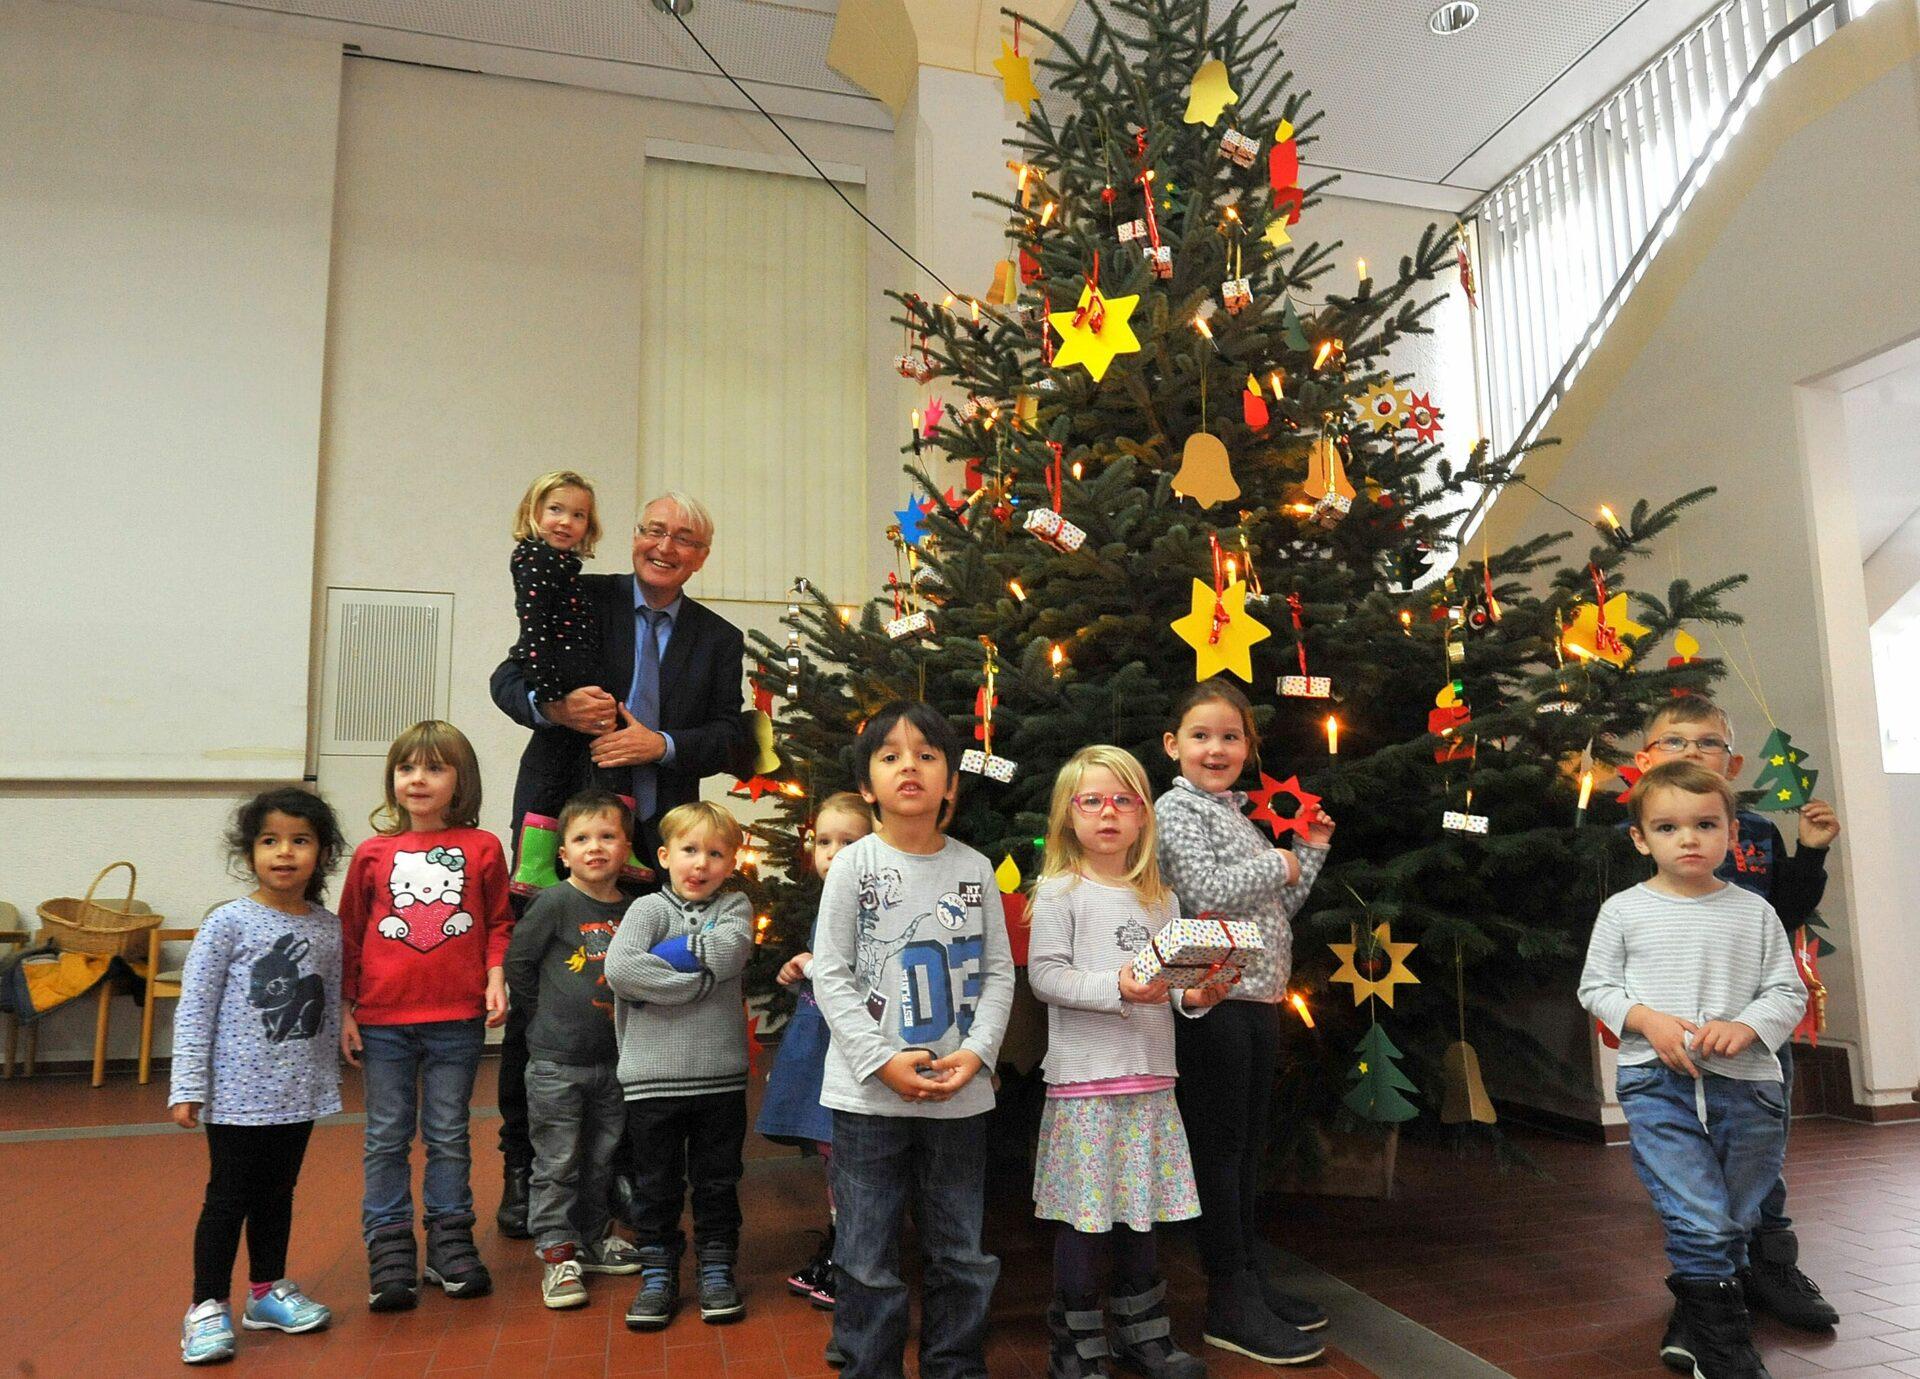 KiTa-Kinder schmückten Baum im Rathaus